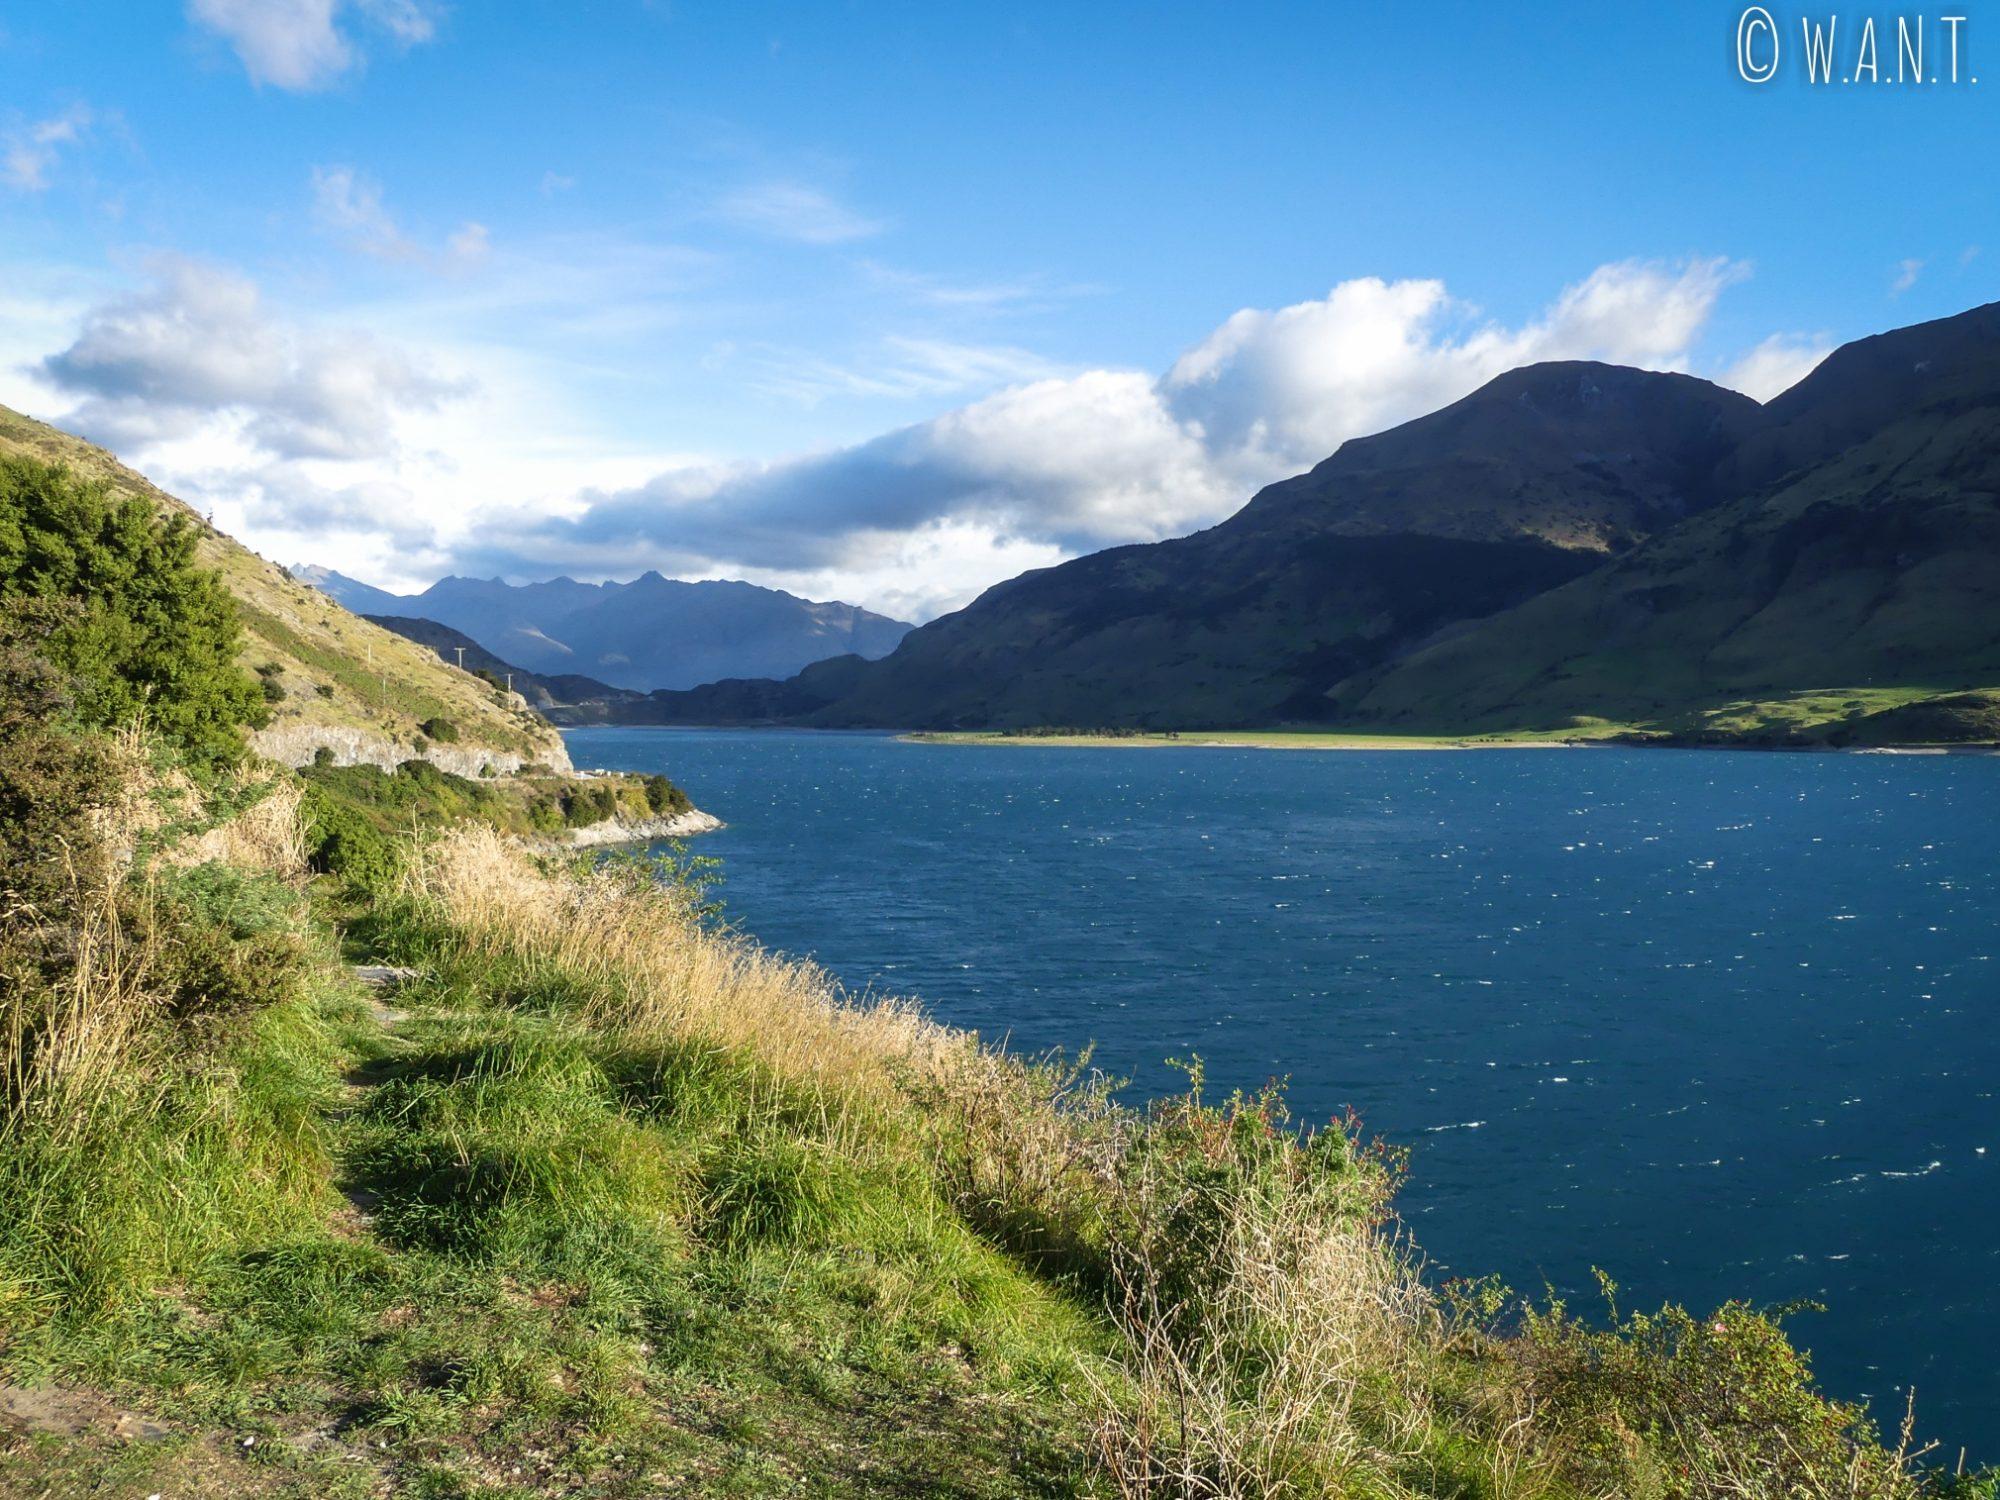 Point de vue sur le lac Hawea en roulant vers Wanaka en Nouvelle-Zélande